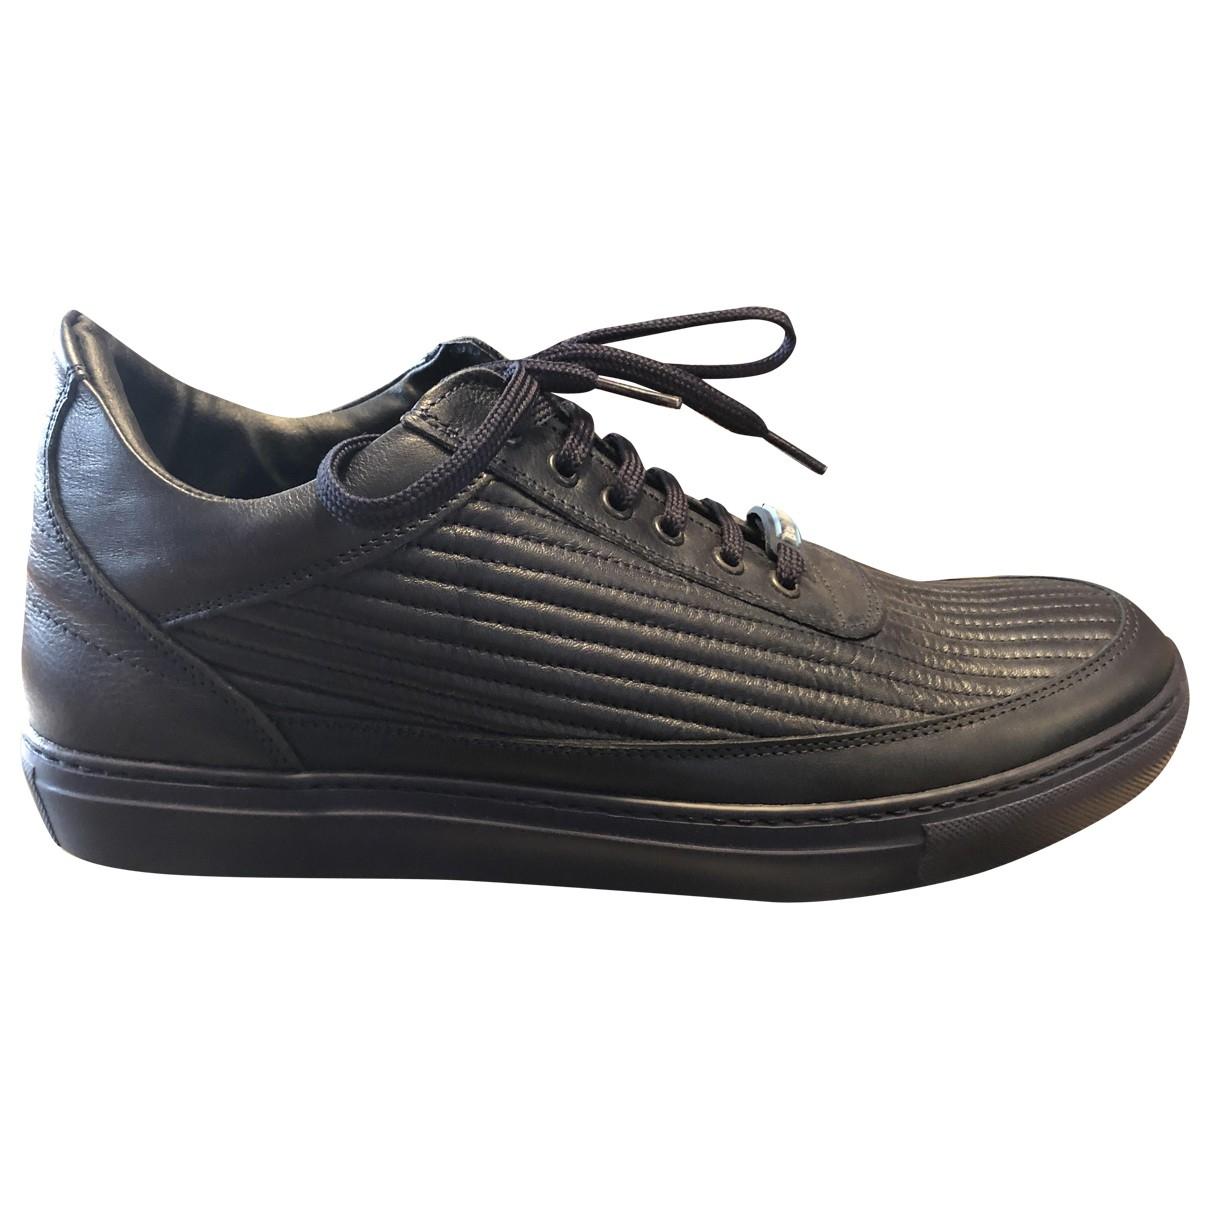 Baldinini - Baskets   pour homme en cuir - noir